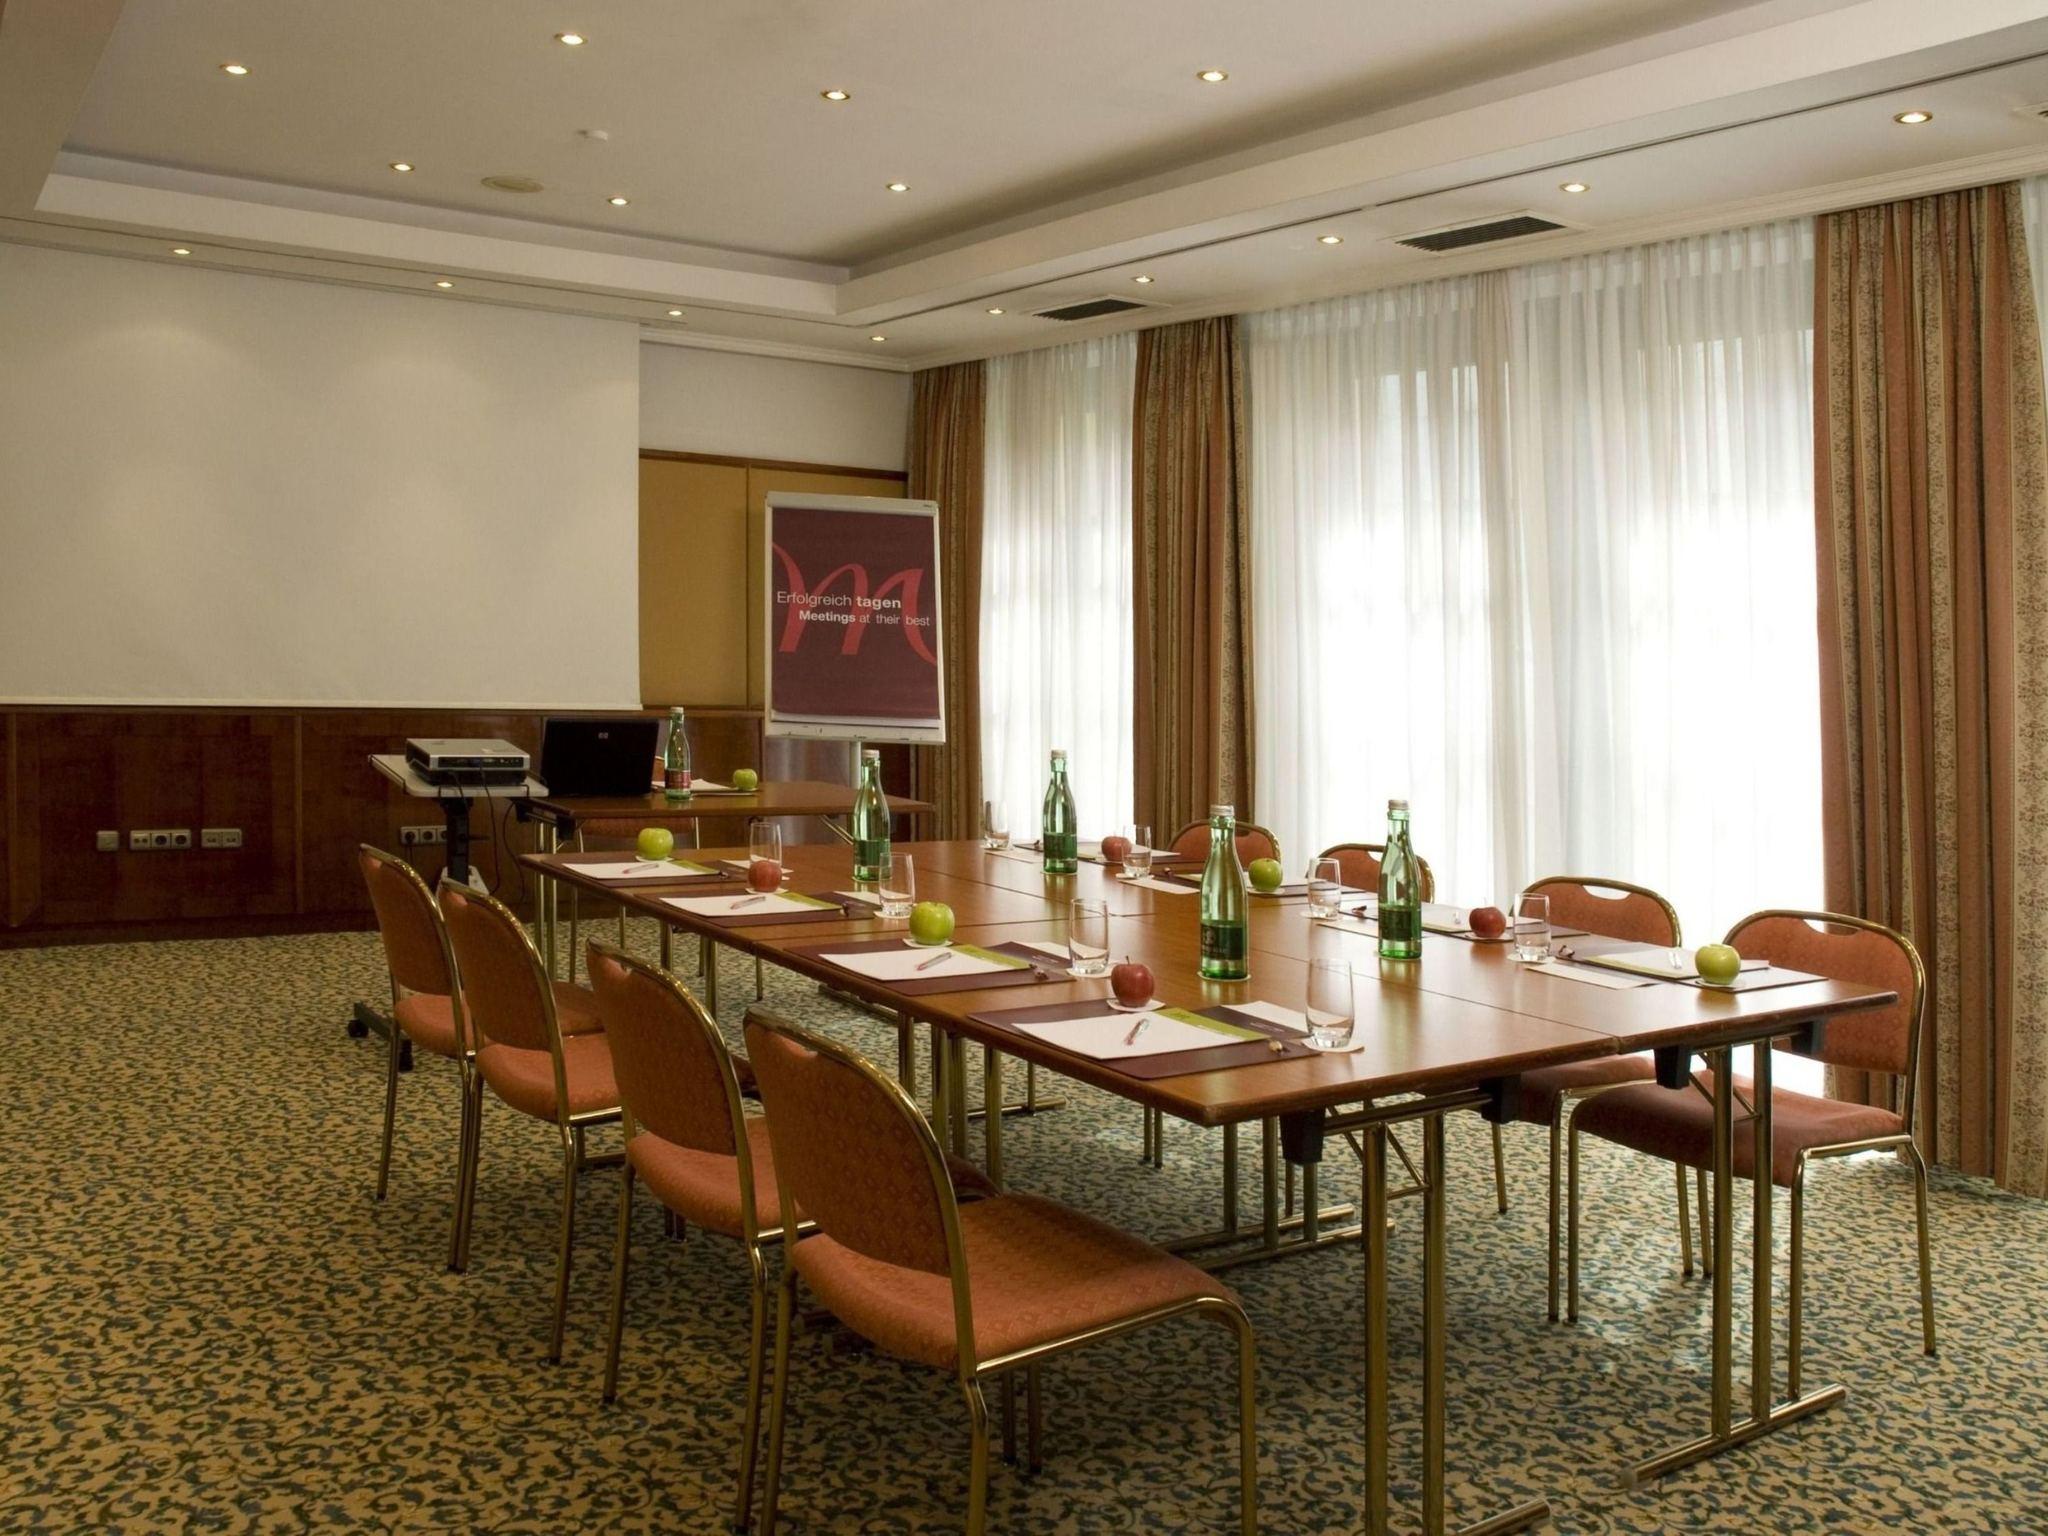 4 Sterne Hotel Wien Mitte Mercure Accorhotels